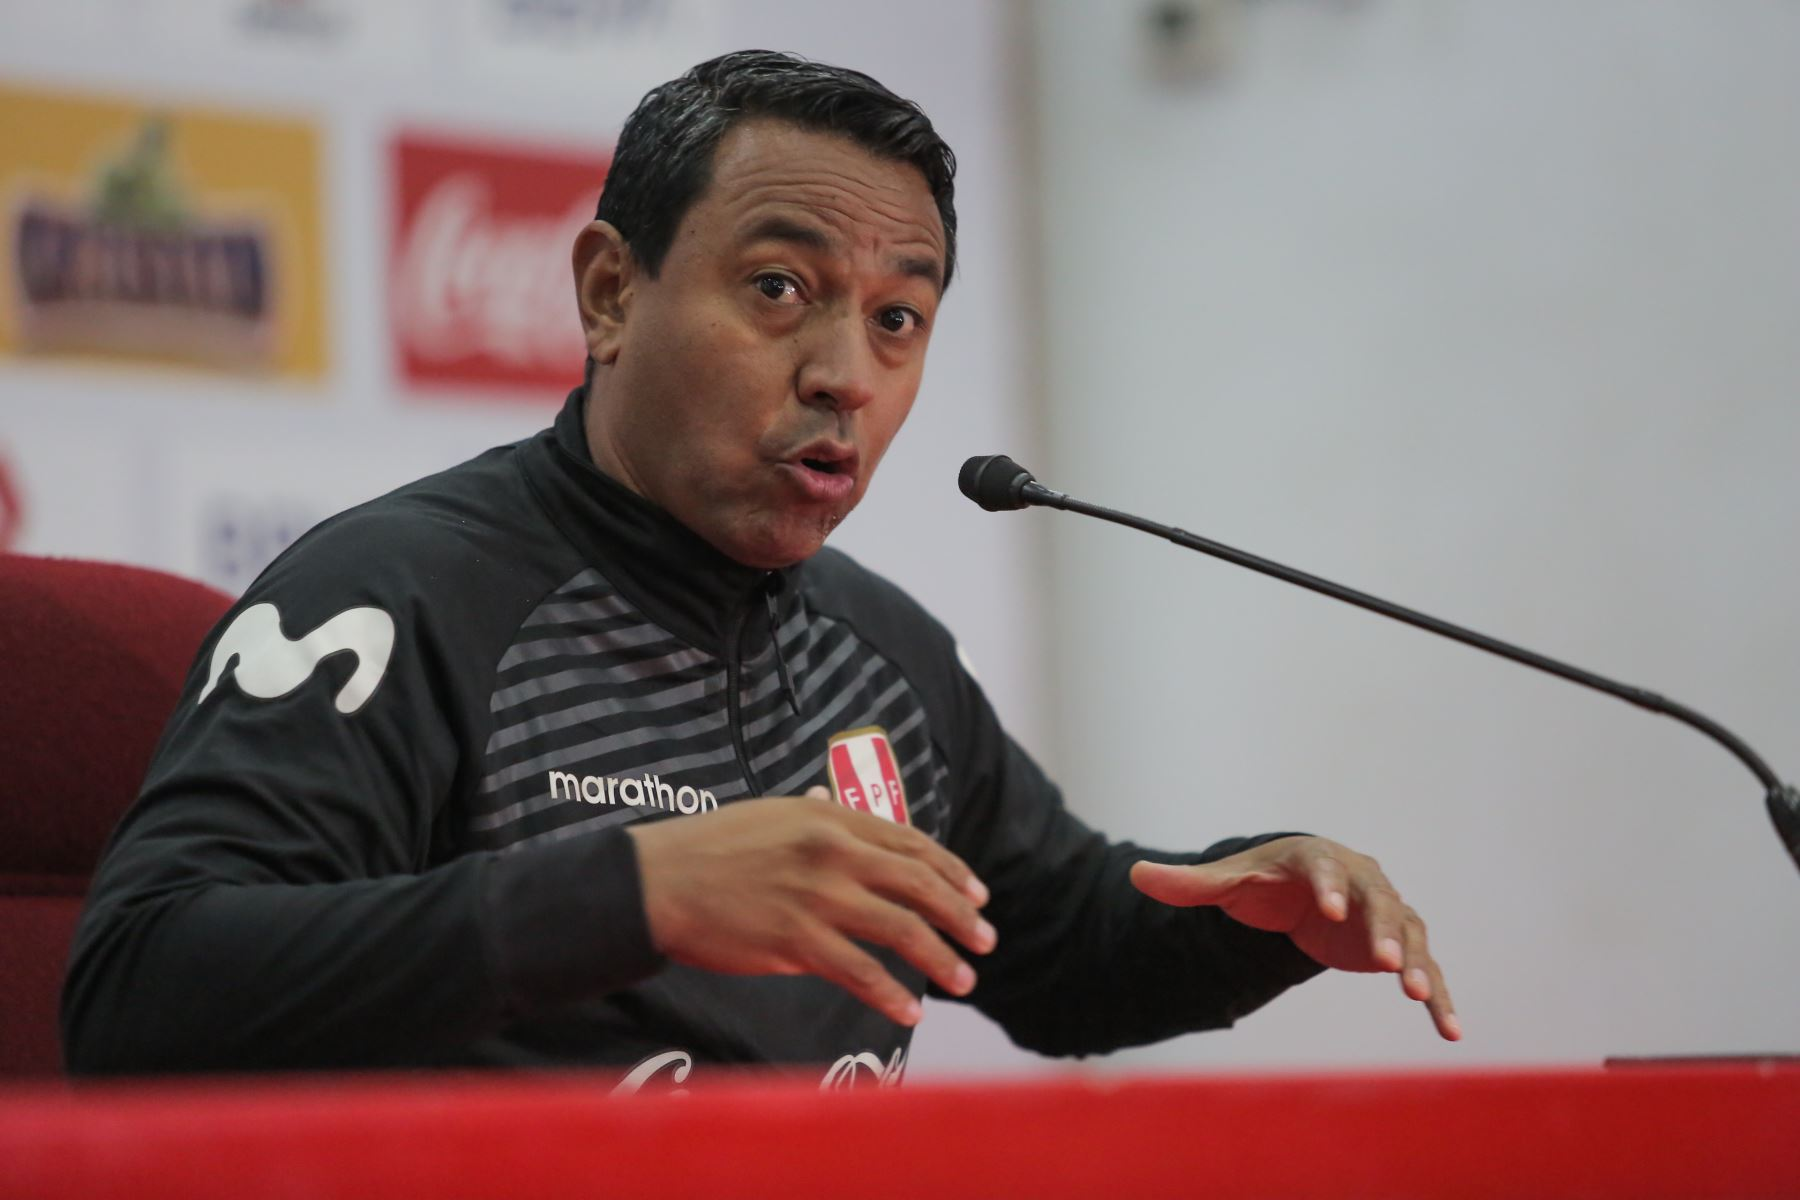 Conferencia de prensa de Nolberto Solano entrenador de la Selección Peruana de Fútbol Sub 23.Foto: ANDINA/ David Huamaní